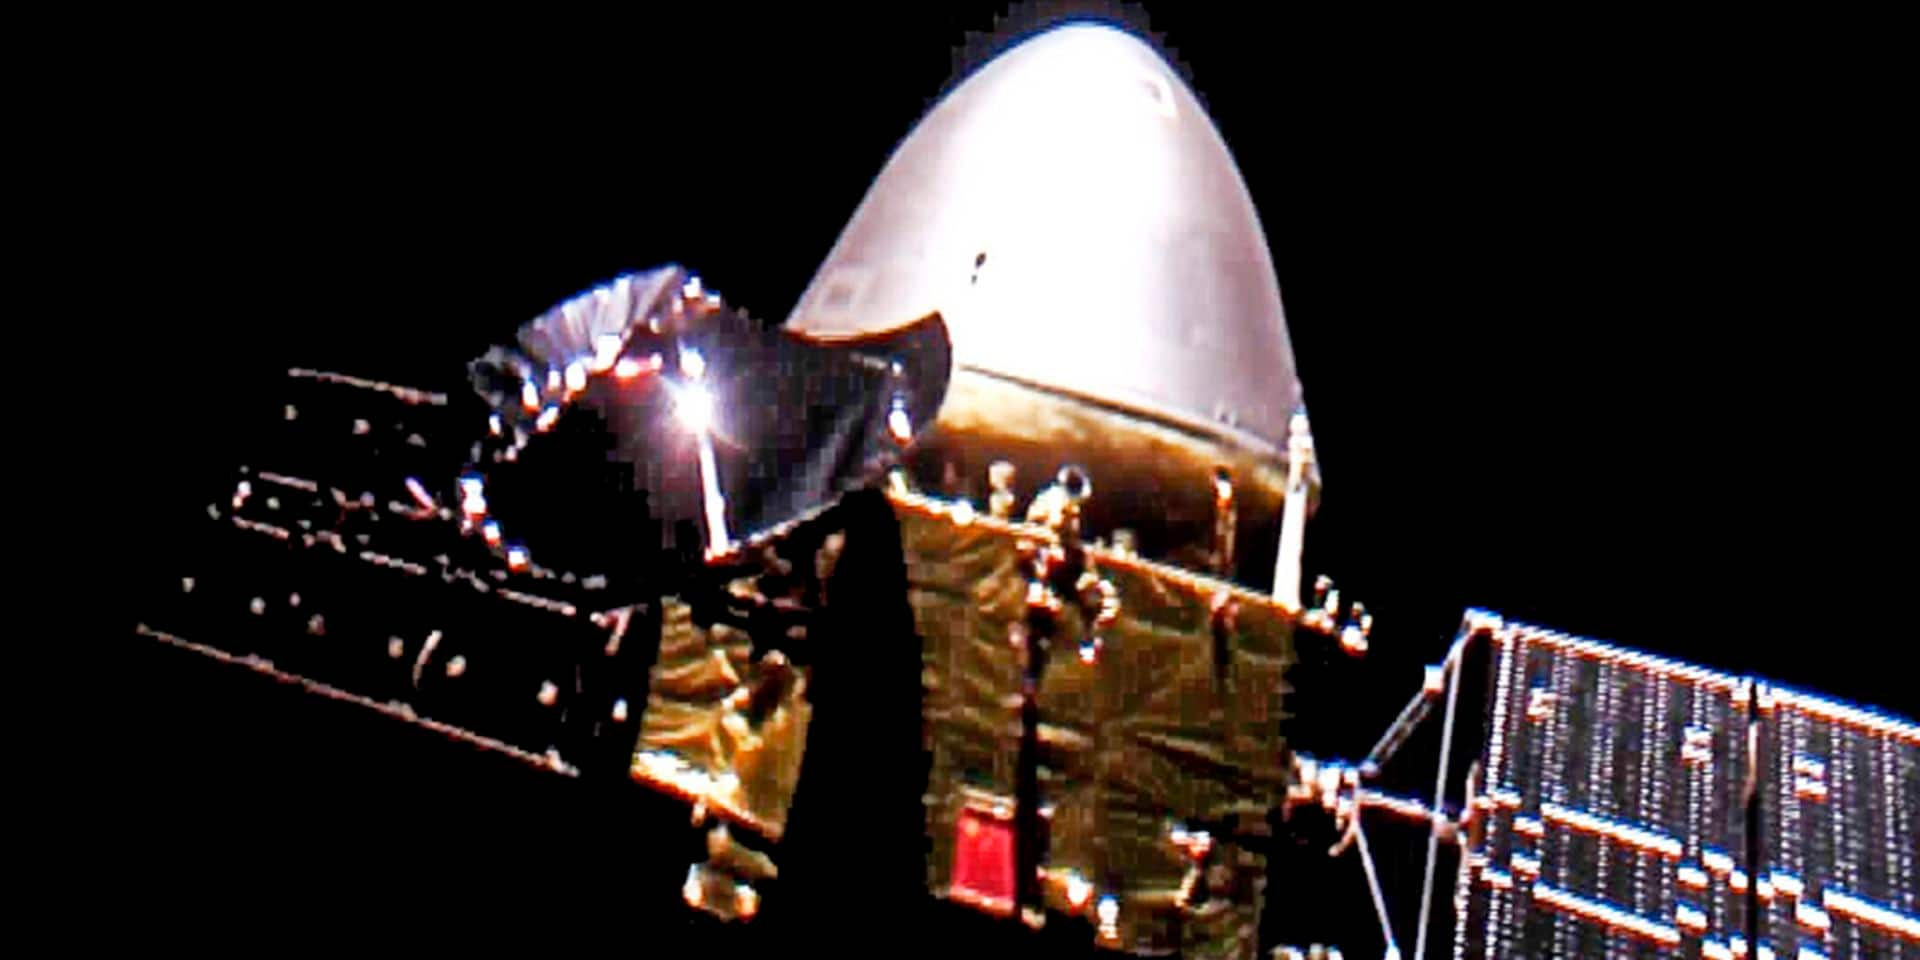 La Chine s'apprête à faire atterrir son robot téléguidé sur Mars